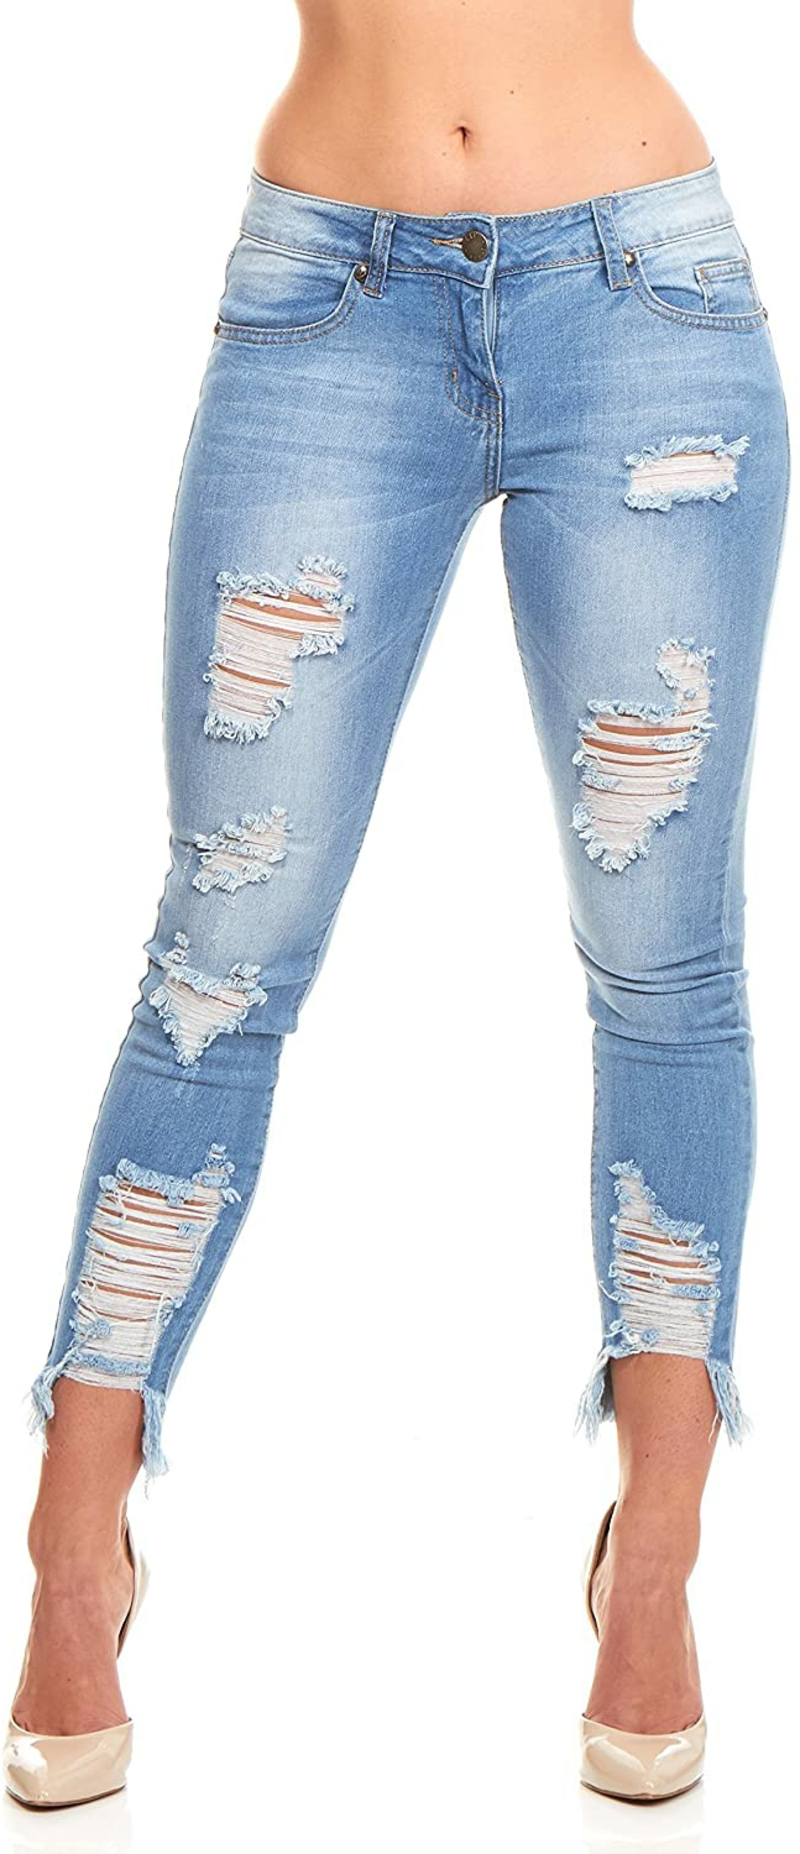 modische Jeans gerissen